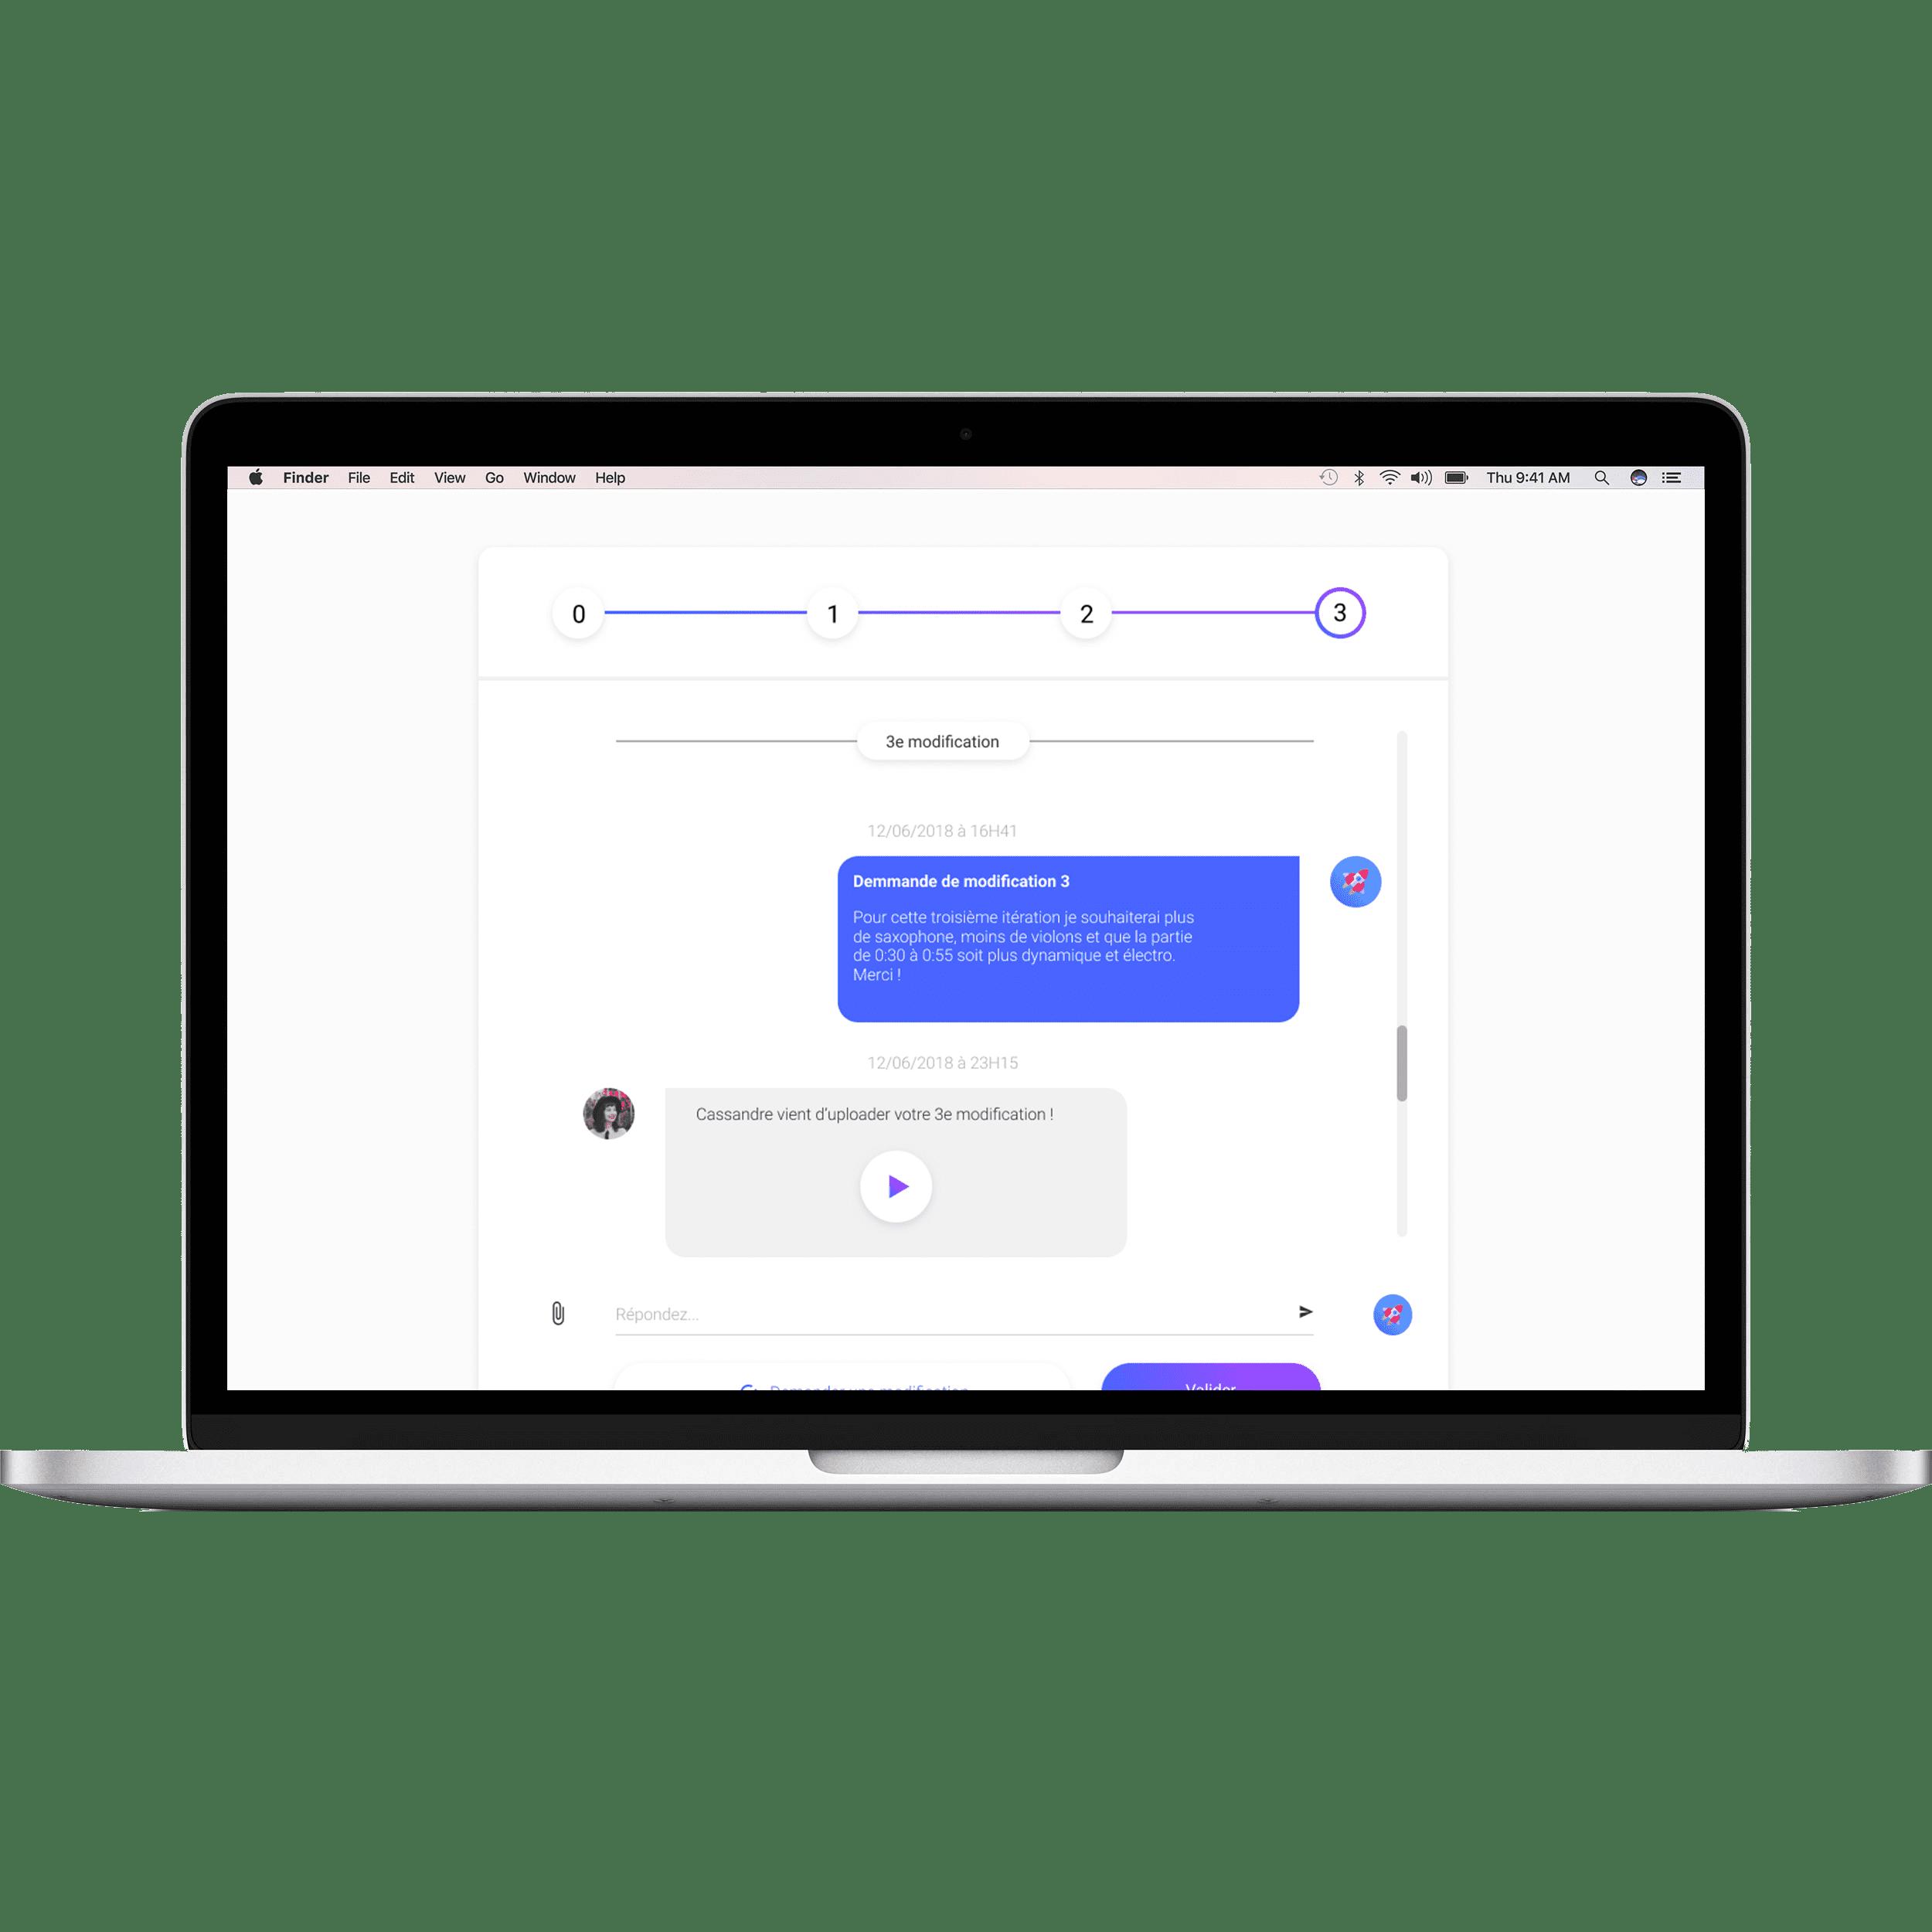 Vous disposez d'un espace simple et intuitif pour collaborer avec notre réseau de compositeur pour créer votre identité sonore dans les meilleurs conditions.